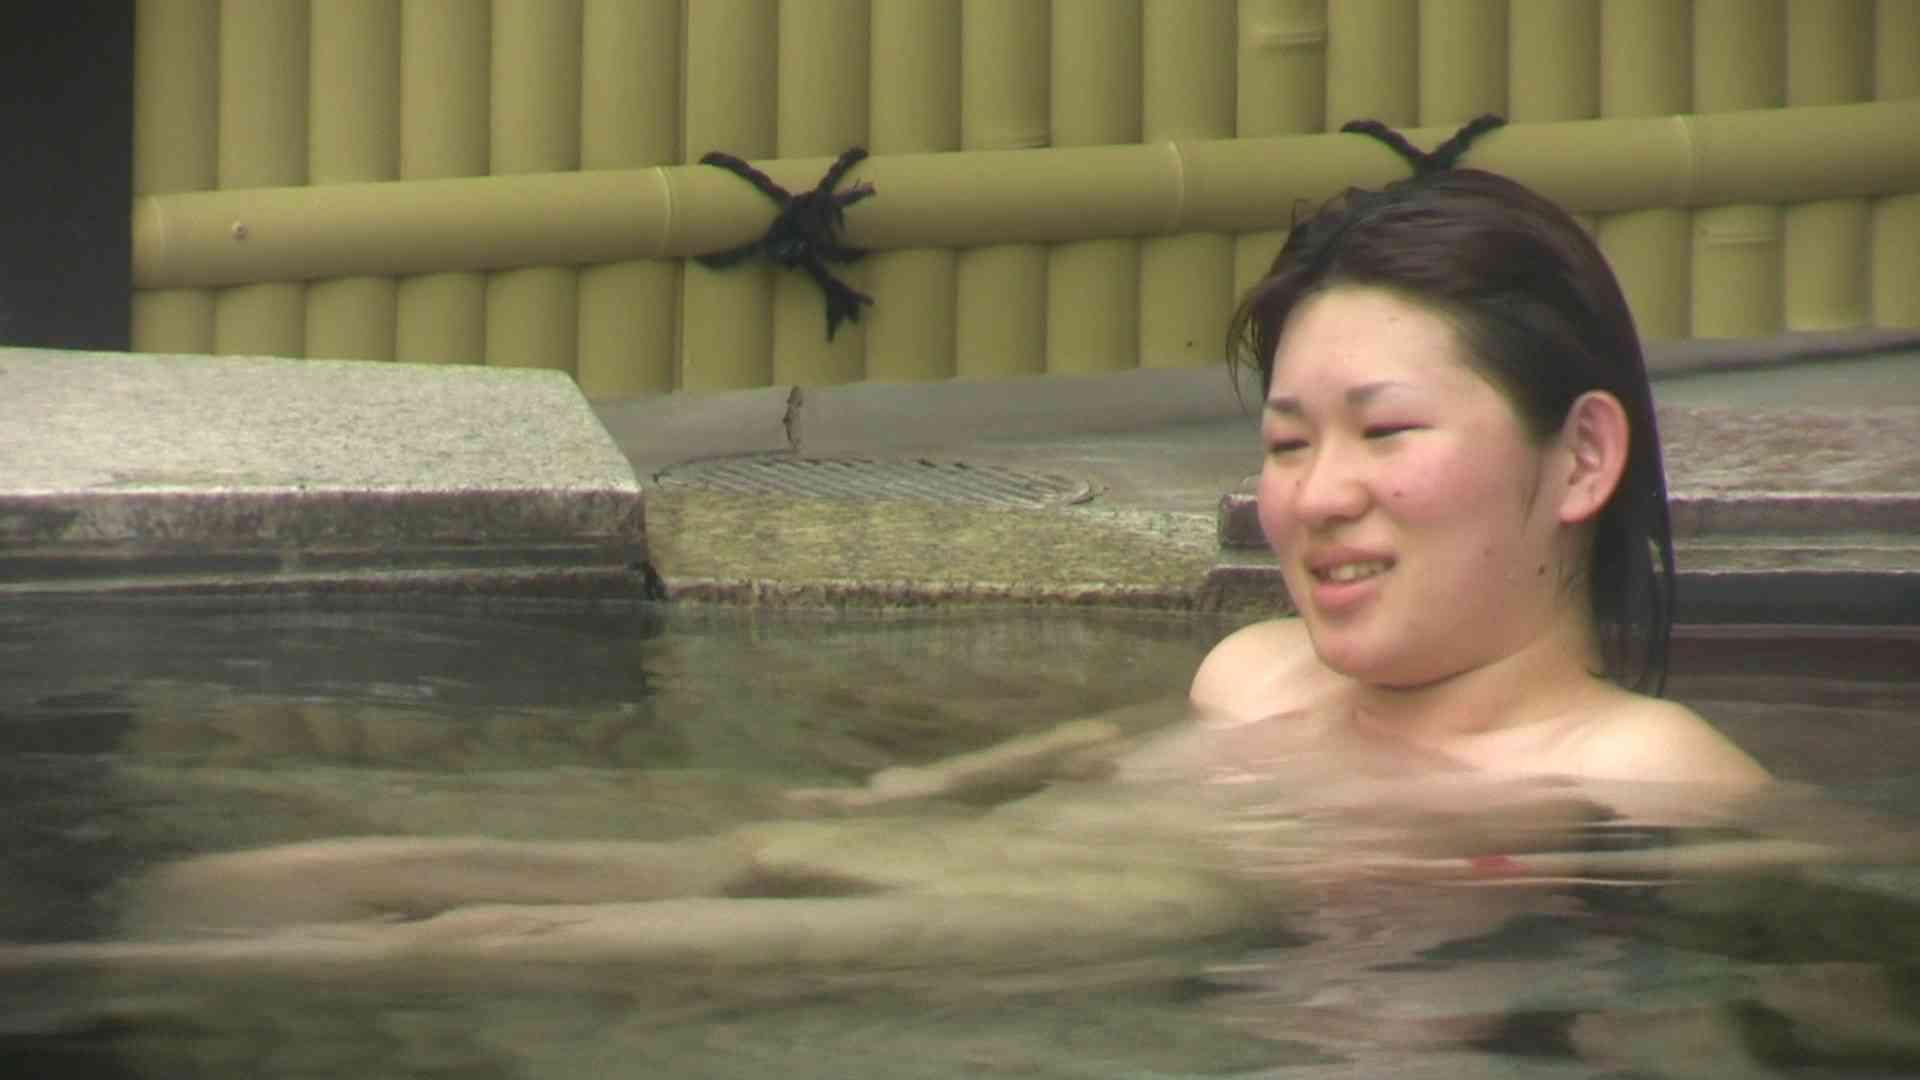 Aquaな露天風呂Vol.673 OLエロ画像 | 盗撮  104PICs 91